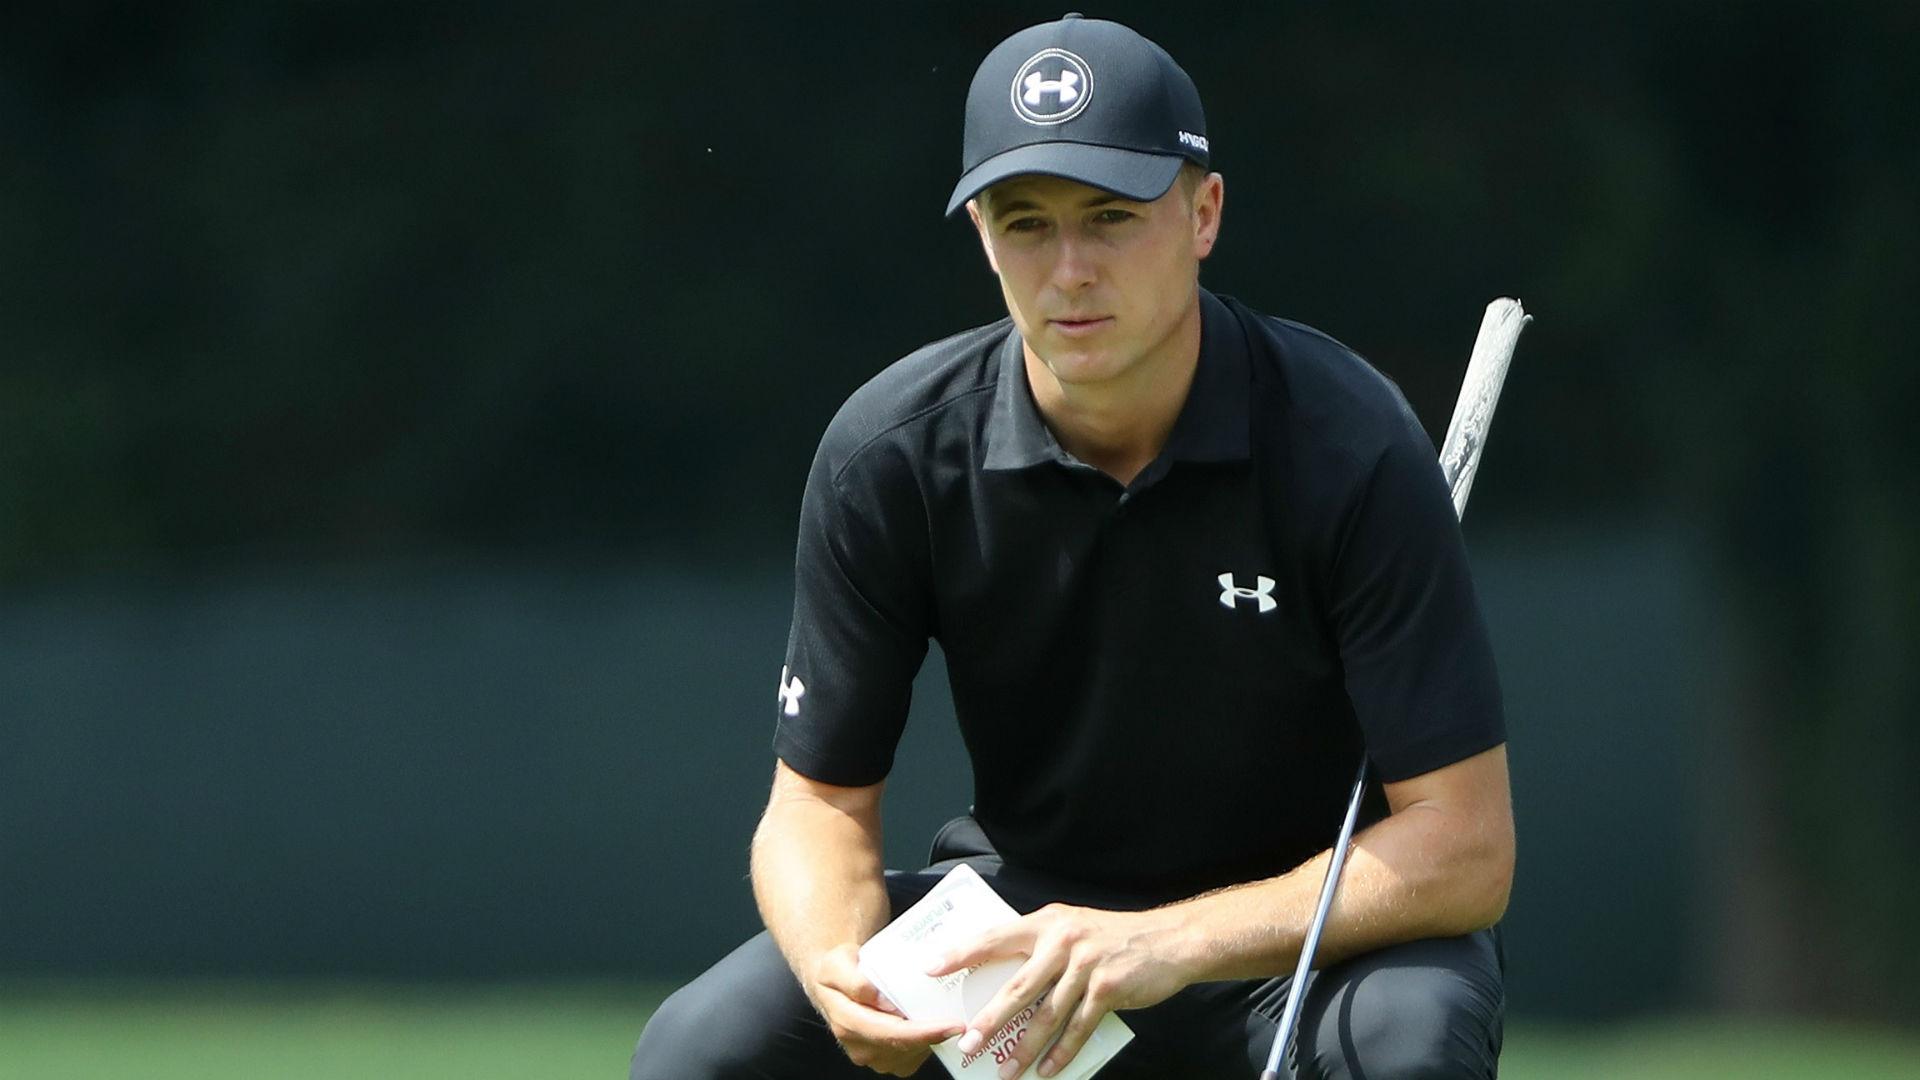 Jordan Spieth, Smylie Kaufman enjoy Hawaii ahead of Sony Open